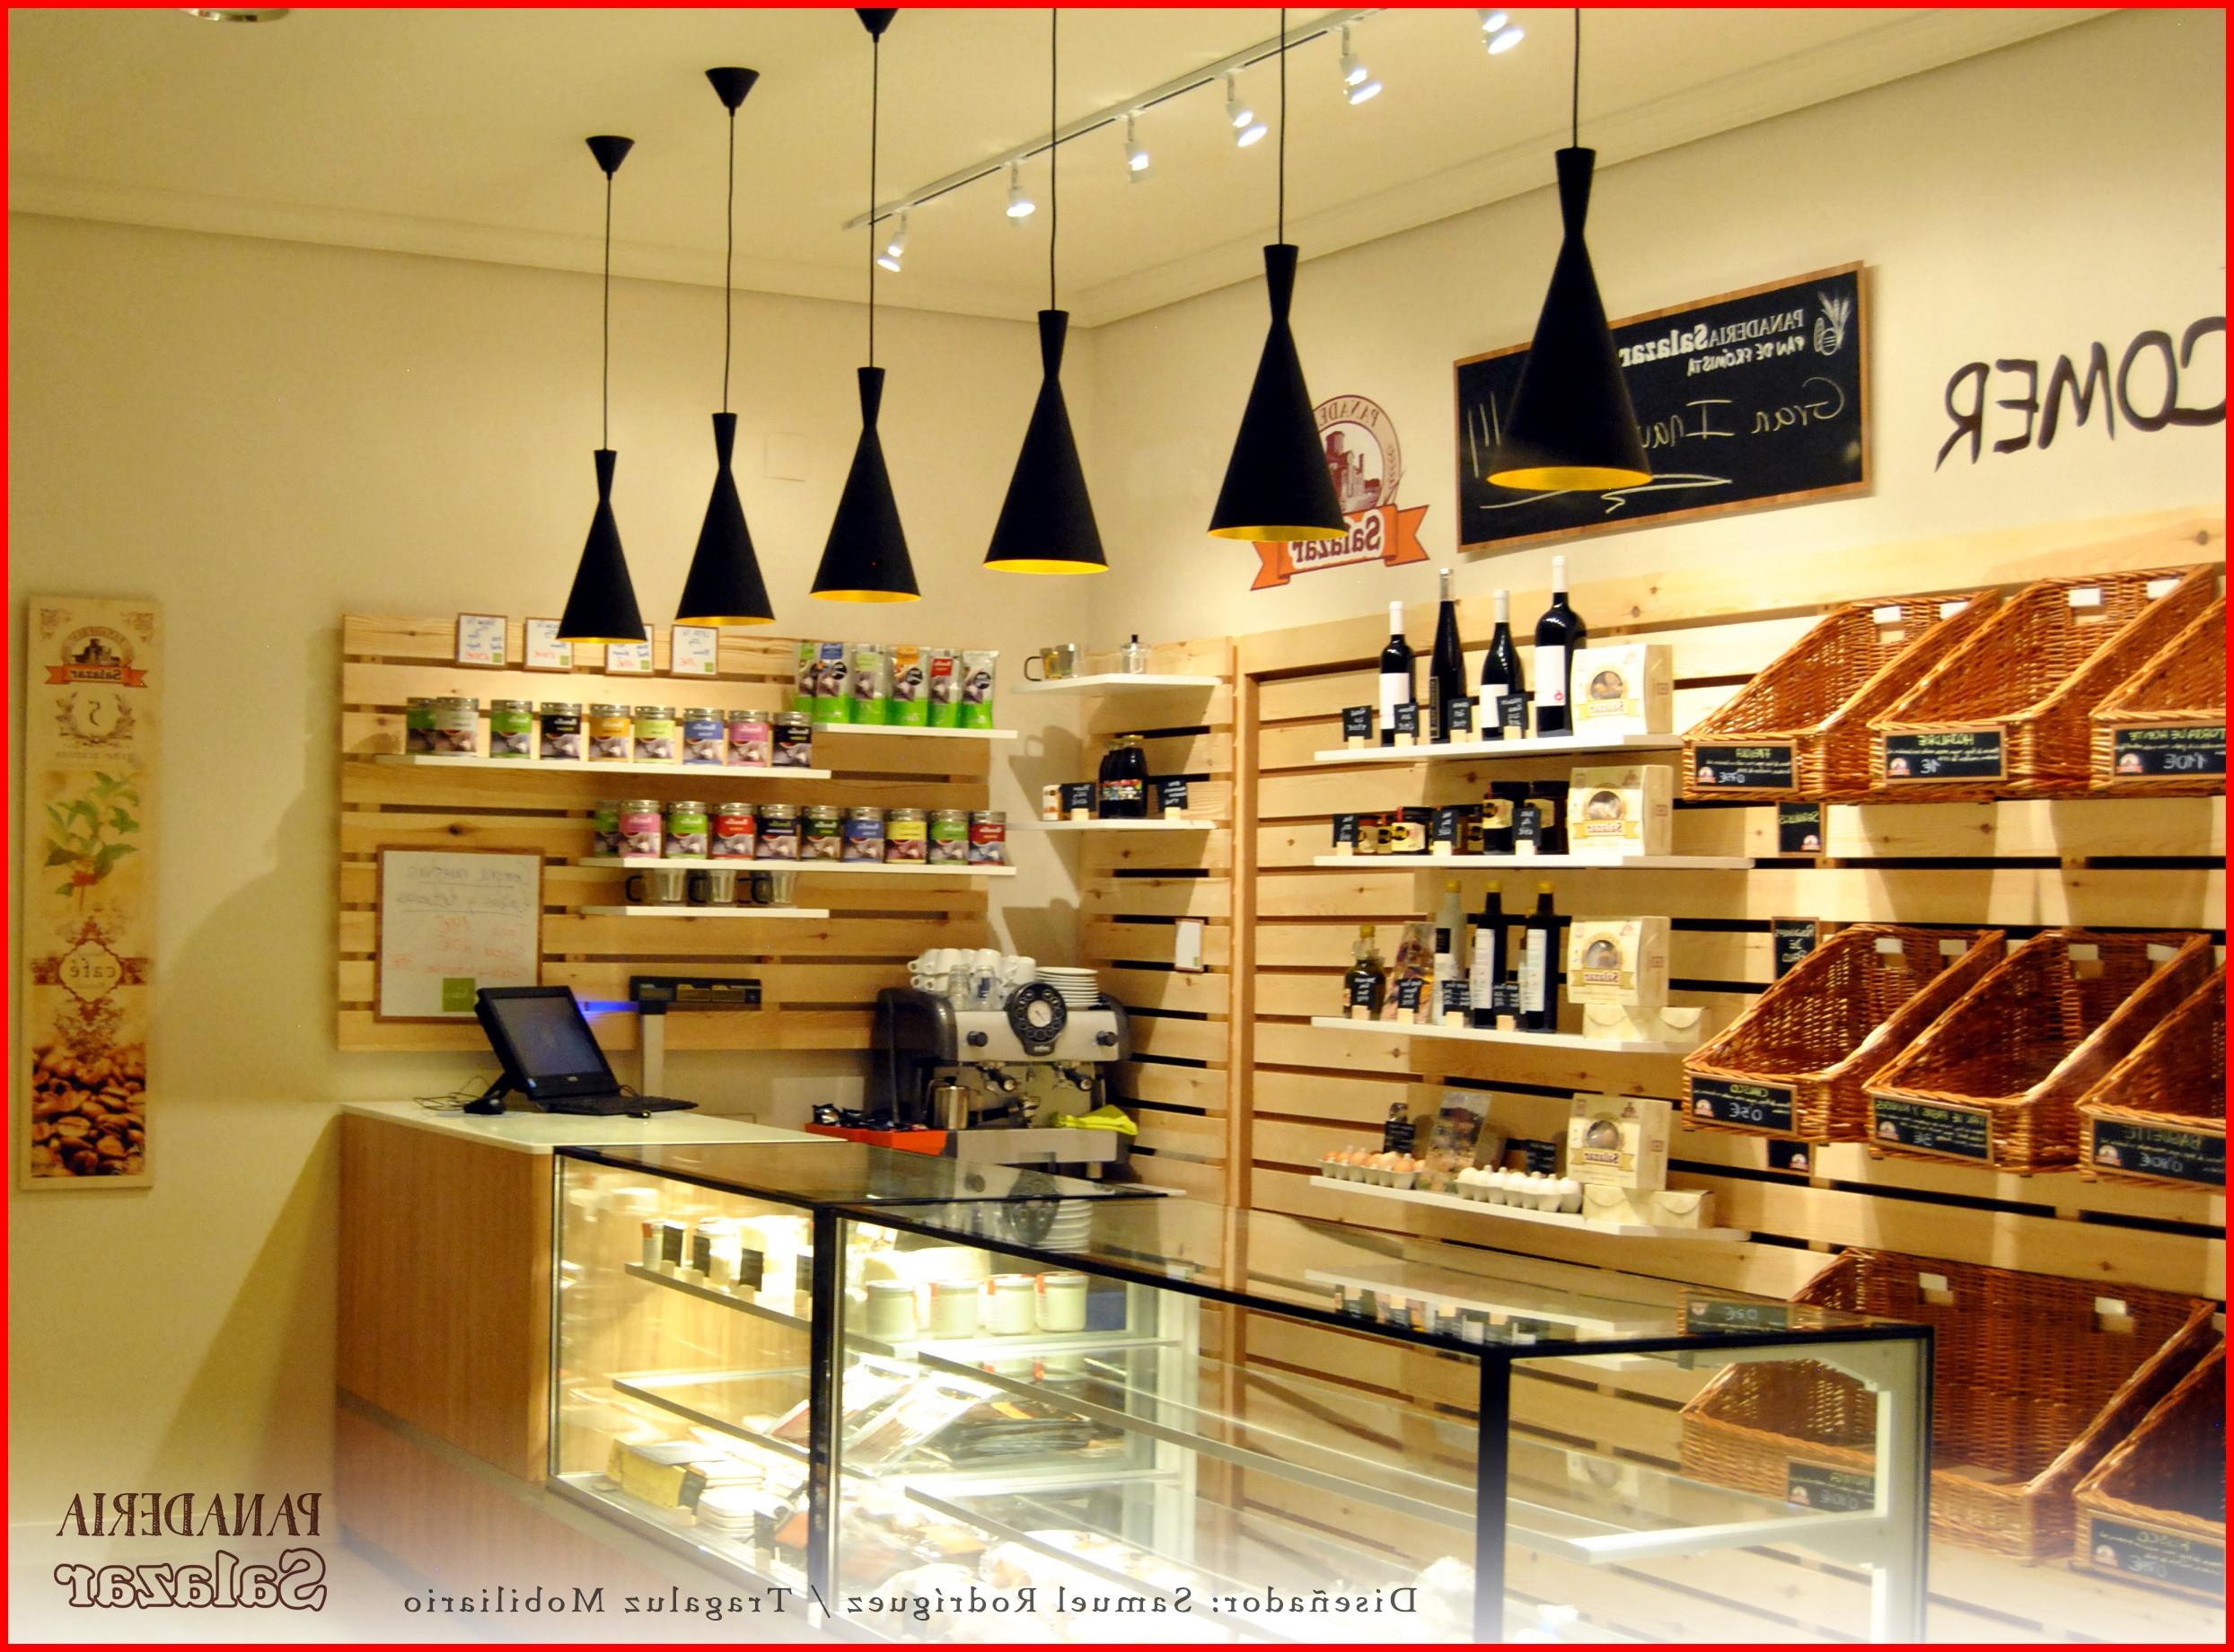 Tiendas De Muebles En Palencia 4pde Tiendas De Muebles En Palencia Panadera Tienda Gourmet